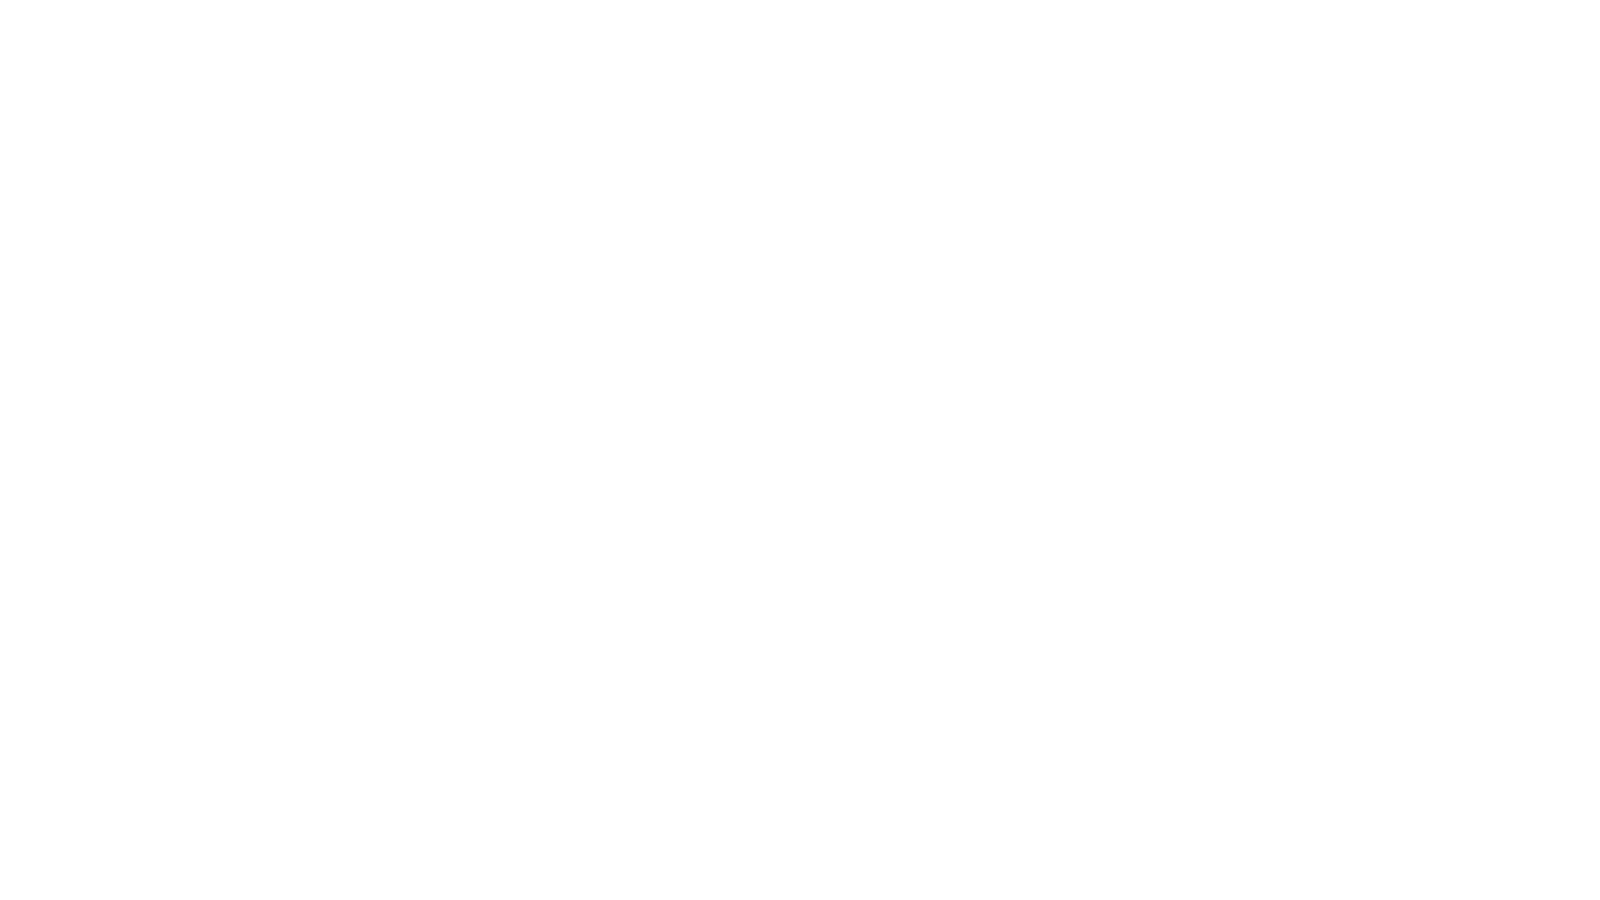 ✅ Прочистка канализации в СПб +7921 940-60-60 Глеб         ✅ Мой сайт https://прочистка-канализации.com/service/santexnicheskaya-prochistka-kanalizacii/  ⏬ ☎️ WhatsApp: https://wa.me/79219406060 Глеб          ✅  Авито https://www.avito.ru/sankt-peterburg/predlozheniya_uslug/prochistka_kanalizatsiiudalenie_zasorachistka_trub_1354873288         ✅ Инстаграм https://www.instagram.com/prochistka_kanalizaciy_spb/         ✅ ВК https://vk.com/chistkatryb         ✅ Телеинспекция канализации https://www.youtube.com/playlist?list=PLBwVq5wcwov9ox4CUcE6EDR1v-kln-XMX         💡 Есть вопросы https://прочистка-канализации.com/questions/ ☎️ Круглосуточно. Устранение любых засоров во всех системах канализации. Все районы СПб и Лен. Обл. · Гарантия.💯 результат. СПб и Область. Профессионально.